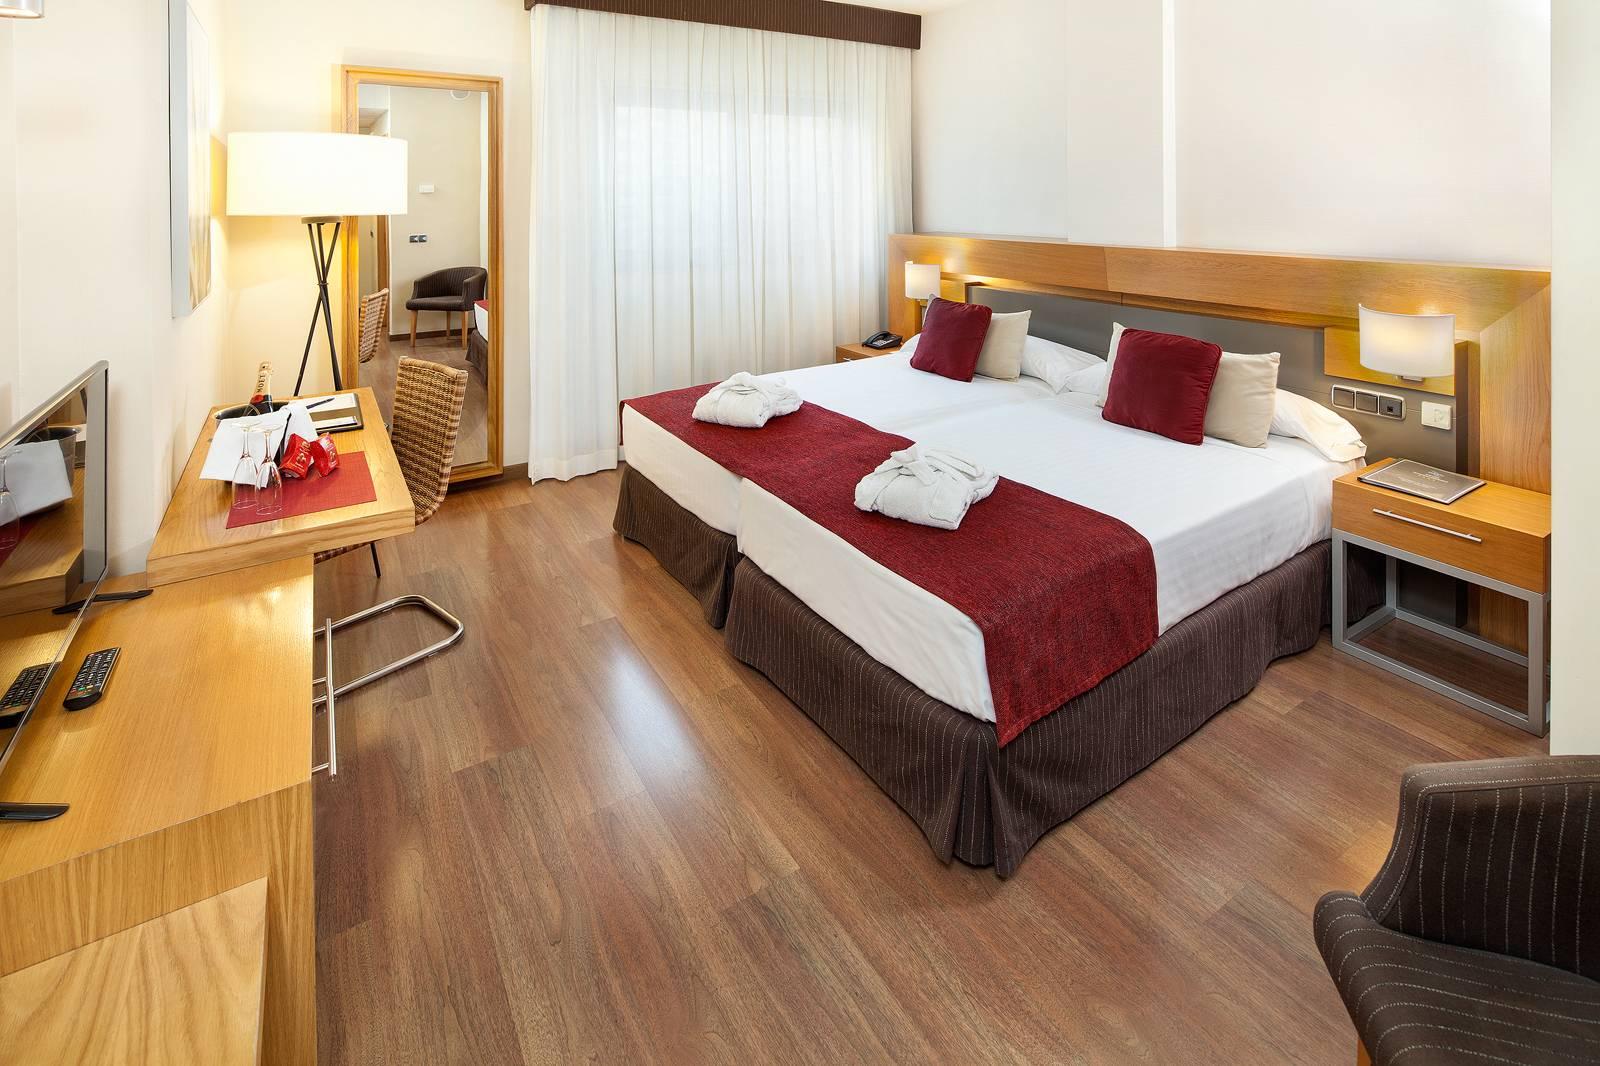 Fotógrafo de hoteles Andreas Grunau - fotografía de habitación de hotel